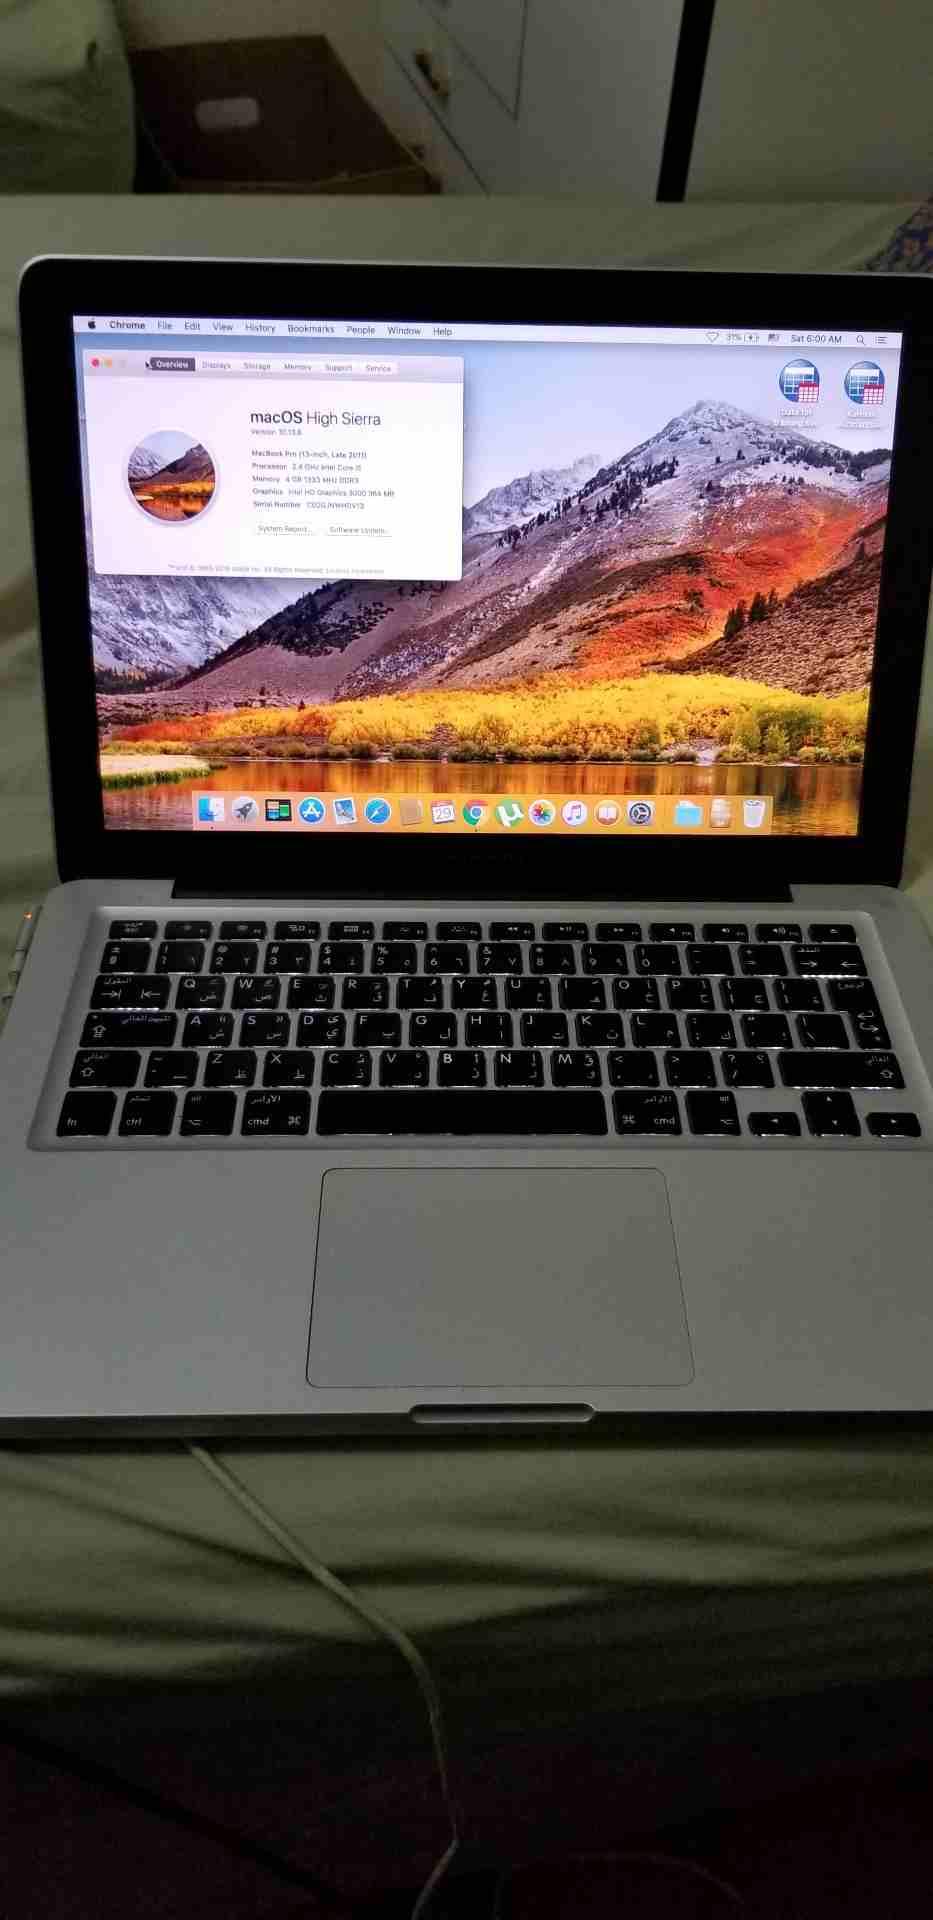 فني اليكترونيات خبره 17 عام في مجال الهواتف الخلوية والكمبيوتر واللابتوب صيانة وتجميع و�-  MacBook Pro (13 inch,...